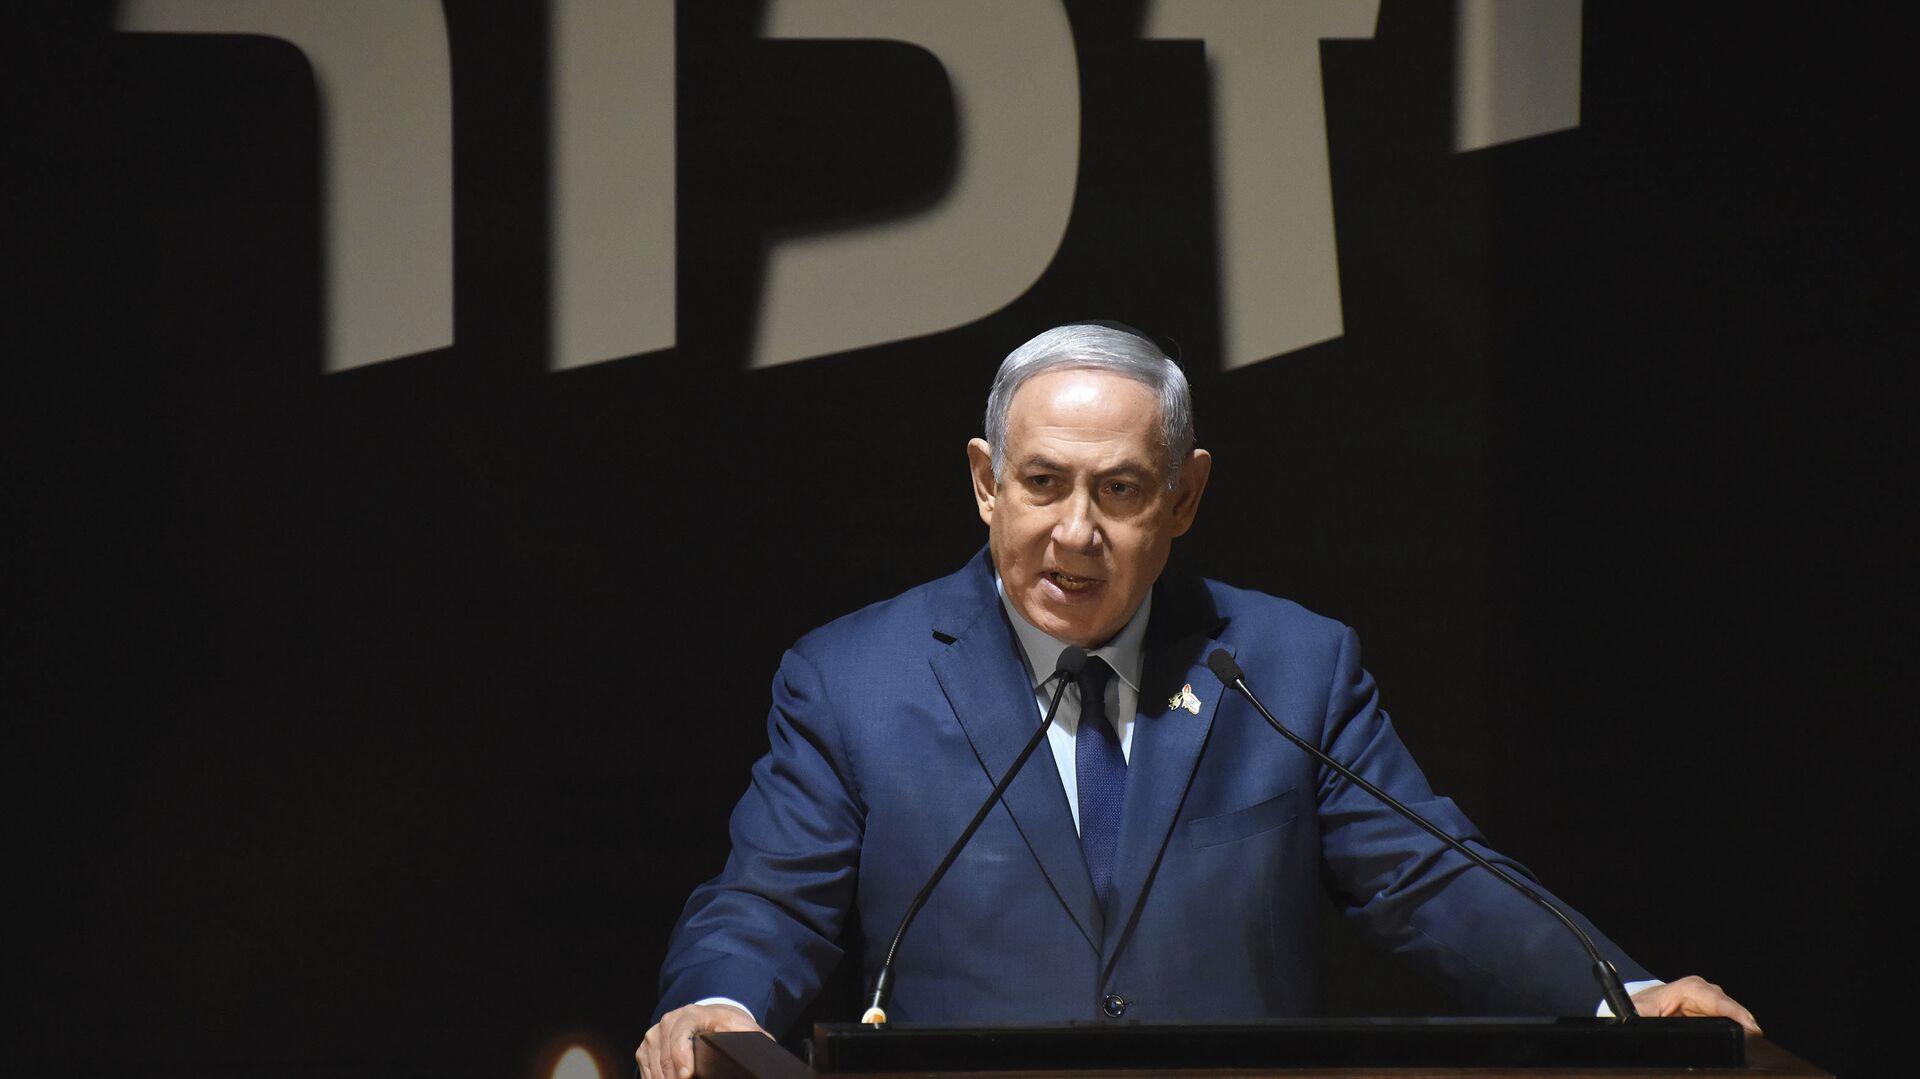 Benjamín Netanyahu, primer ministro de Israel, durante la ceremonia del Día de los Caídos, el 18 de abril de 2018 - Sputnik Mundo, 1920, 26.05.2021